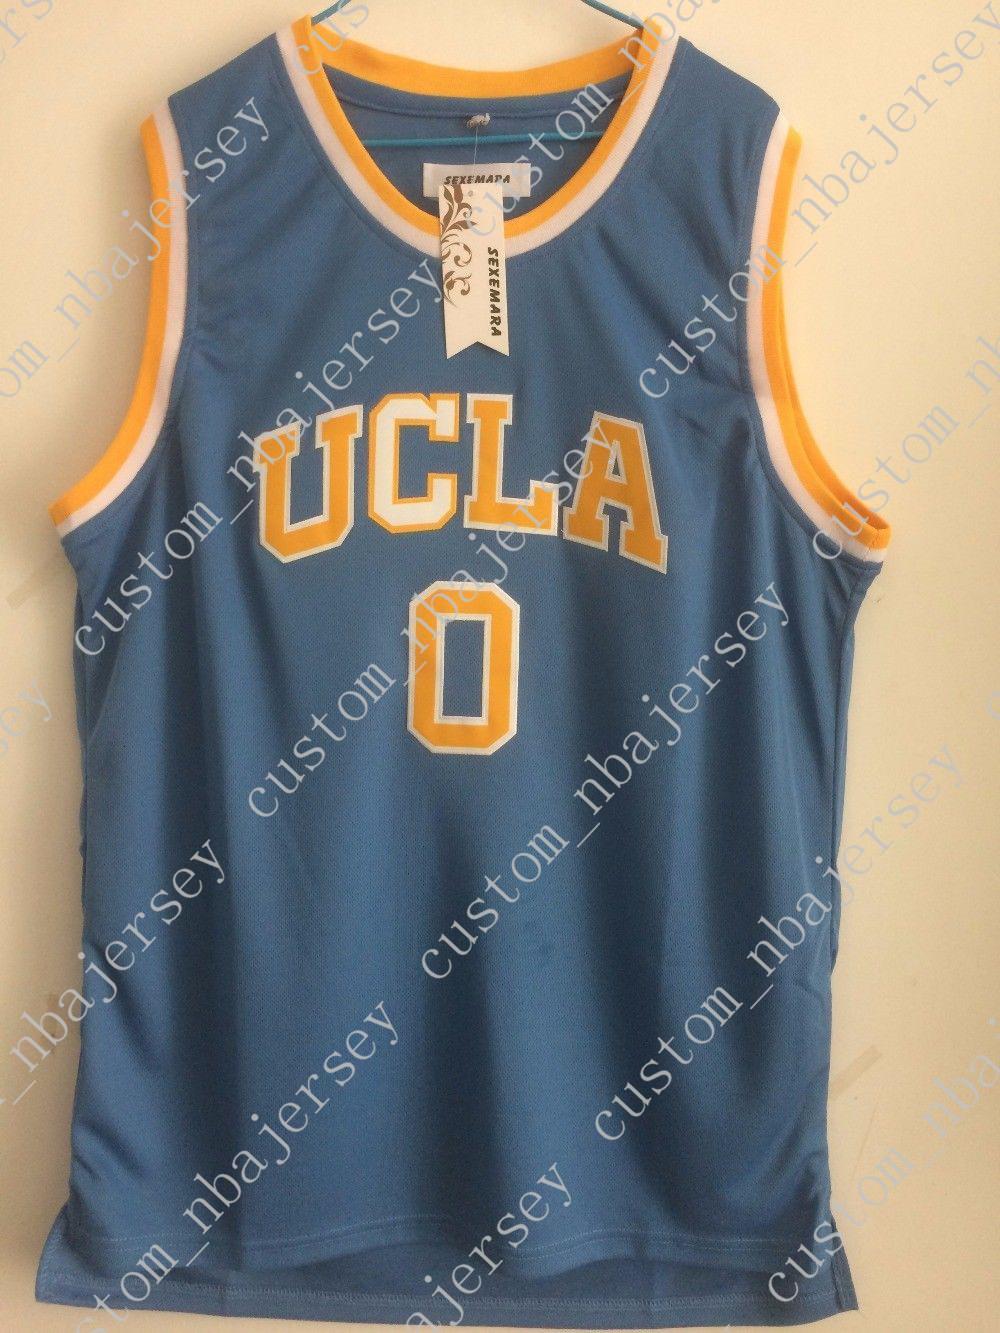 premium selection 9c448 02c16 Billige kundenspezifische Westbrook-Trikot # 0 Ucla Basketball-Trikots  Retro genäht Fertigen Sie jede mögliche Namenanzahl ...